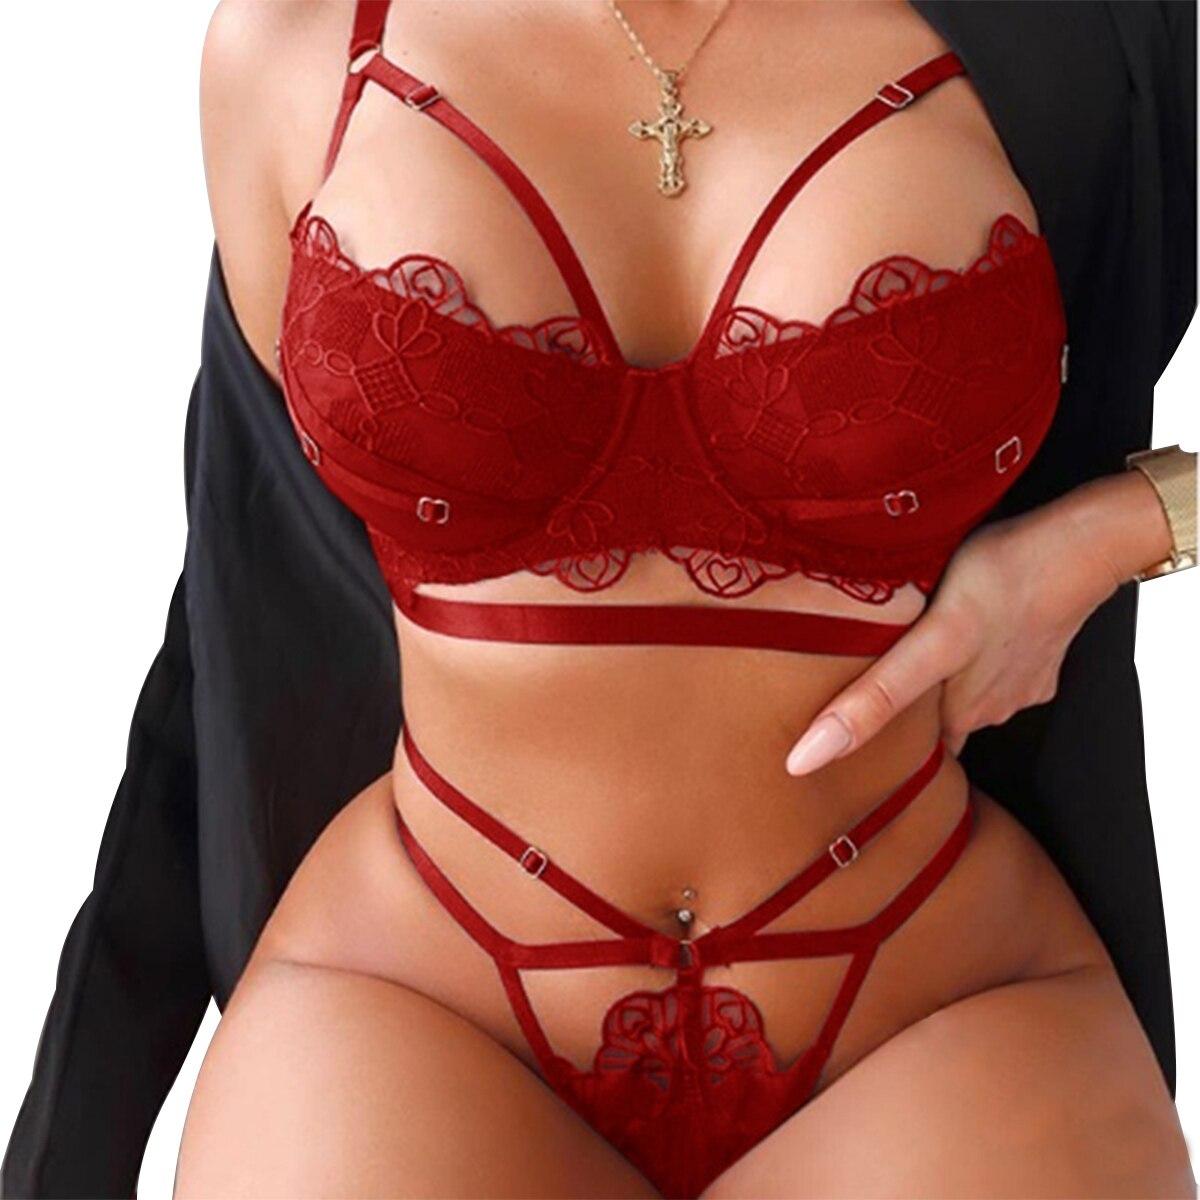 Женское сексуальное нижнее белье для женщин, стринги, кружевное нижнее белье, ночная рубашка, одежда для сна, Женский комплект нижнего белья...